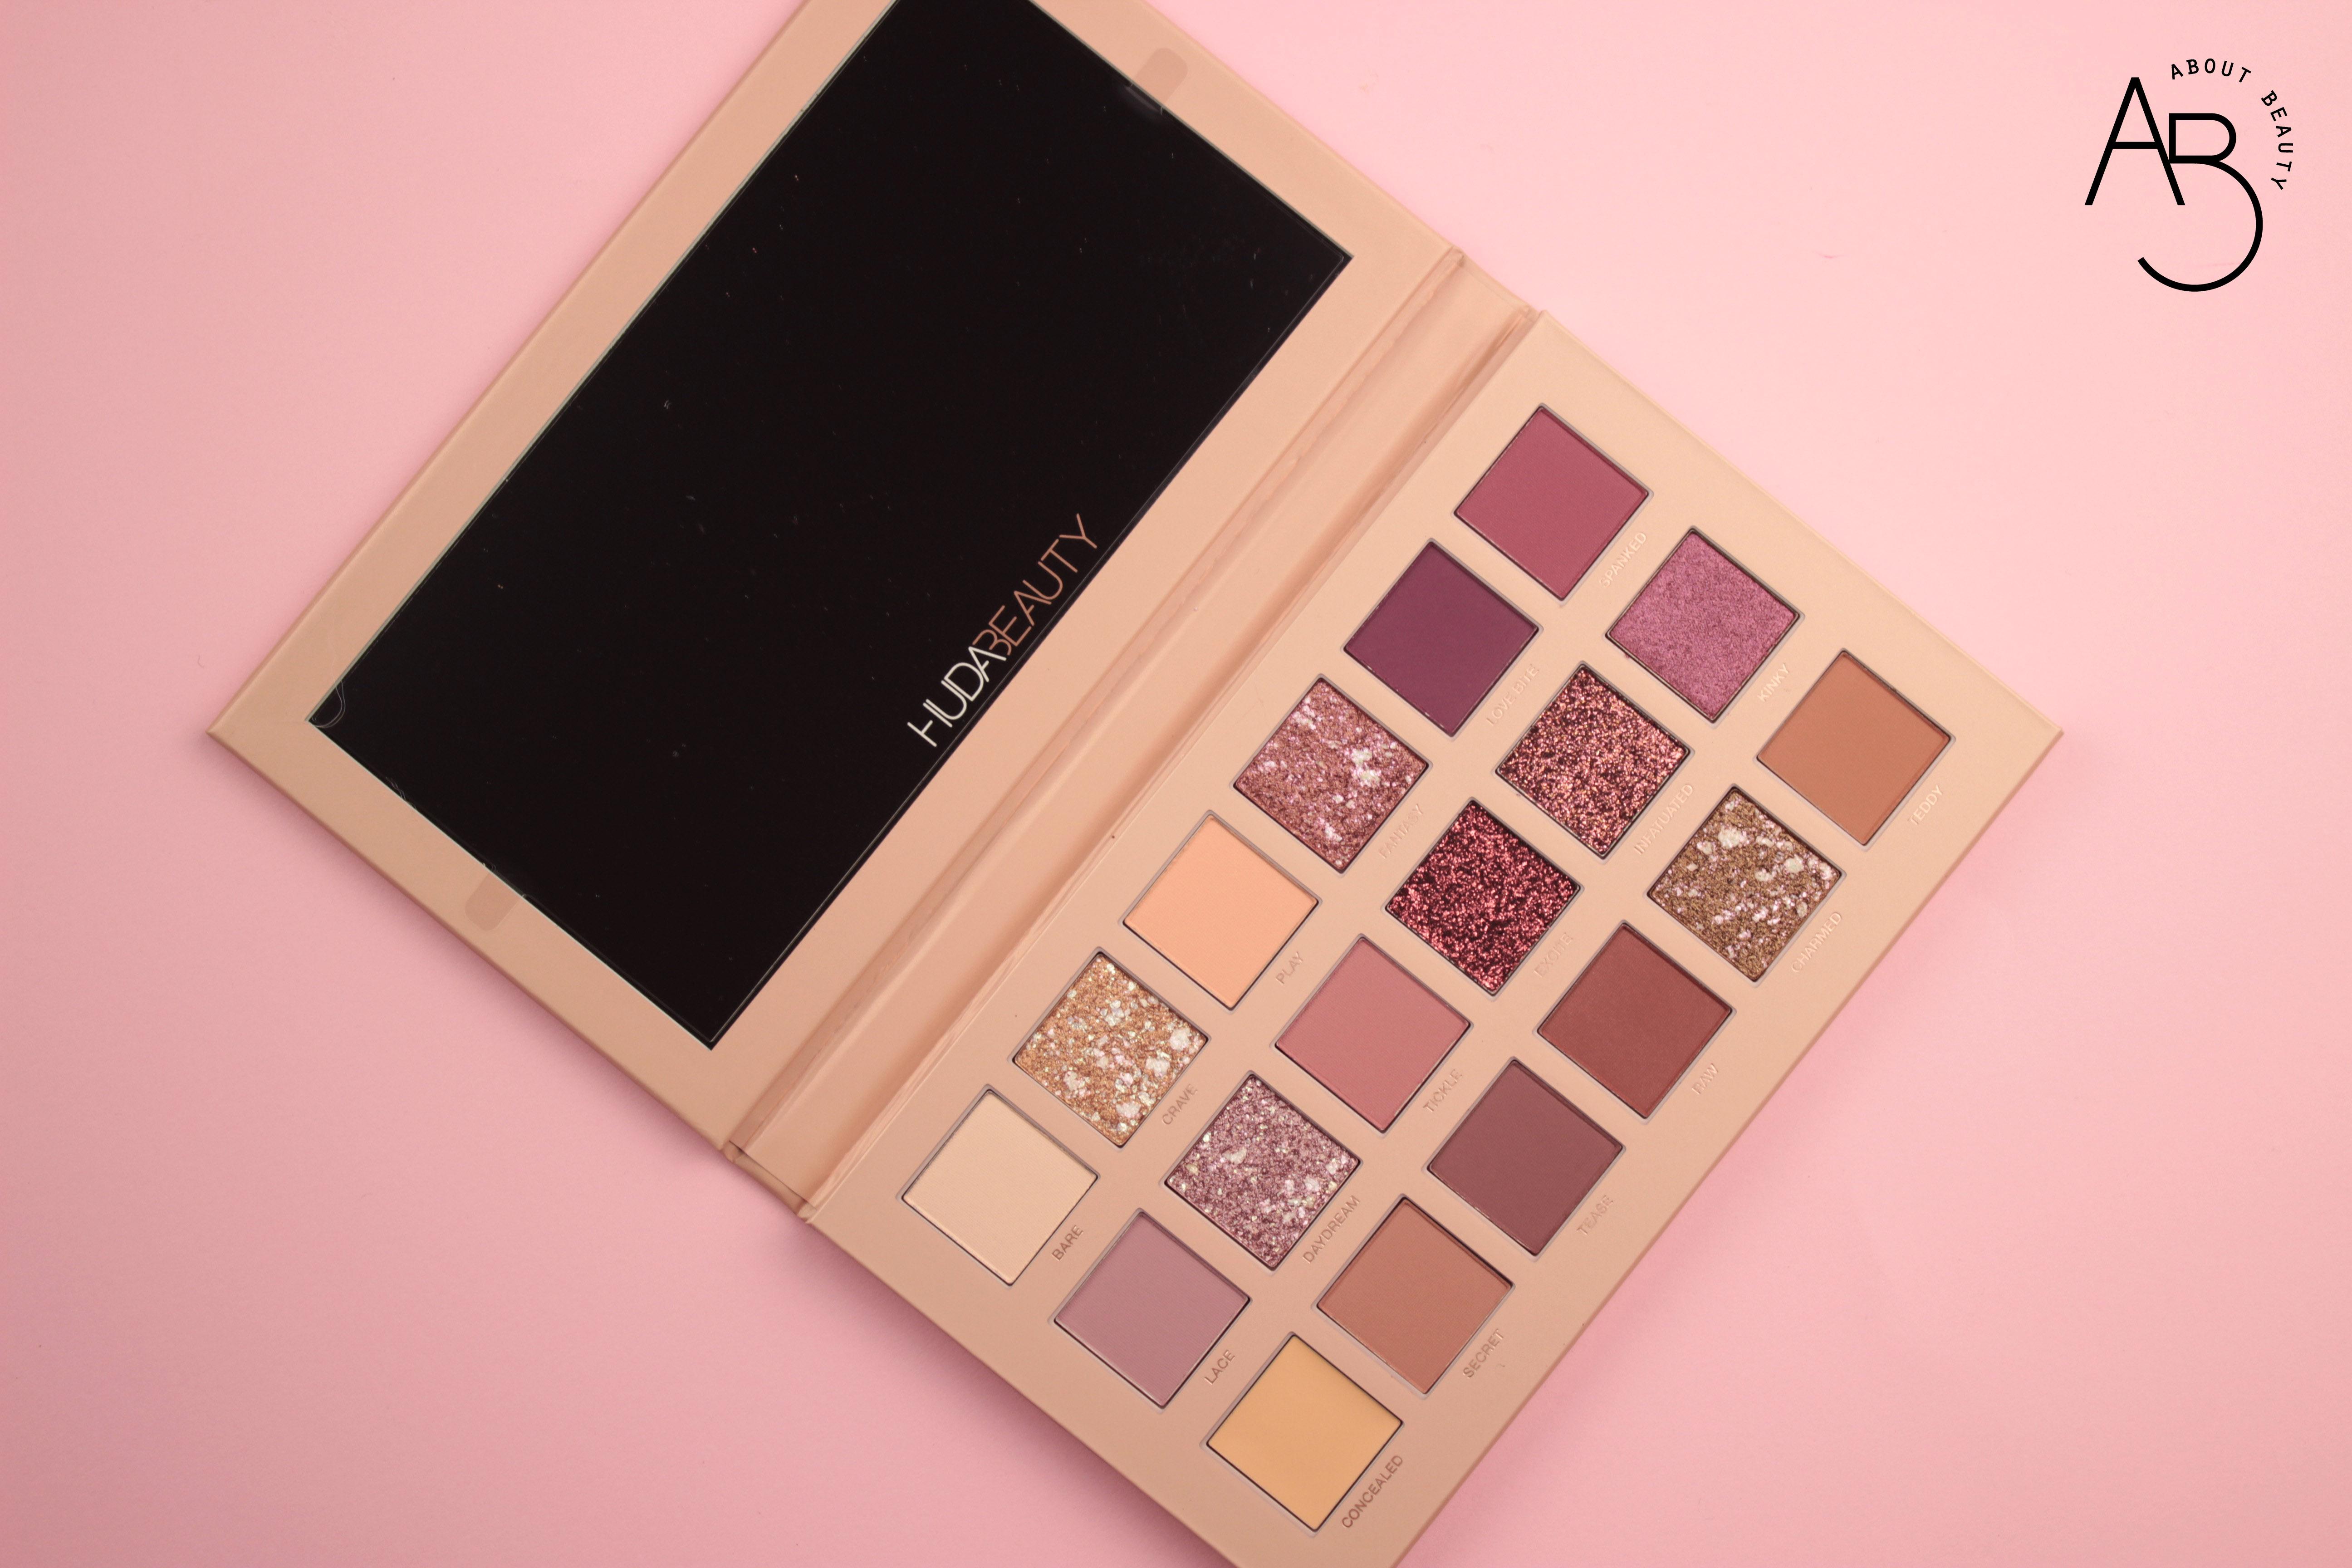 Huda Beauty New Nude Eyeshadow Palette Ombretti - review recensione info prezzo dove acquistare swatch sconto colori